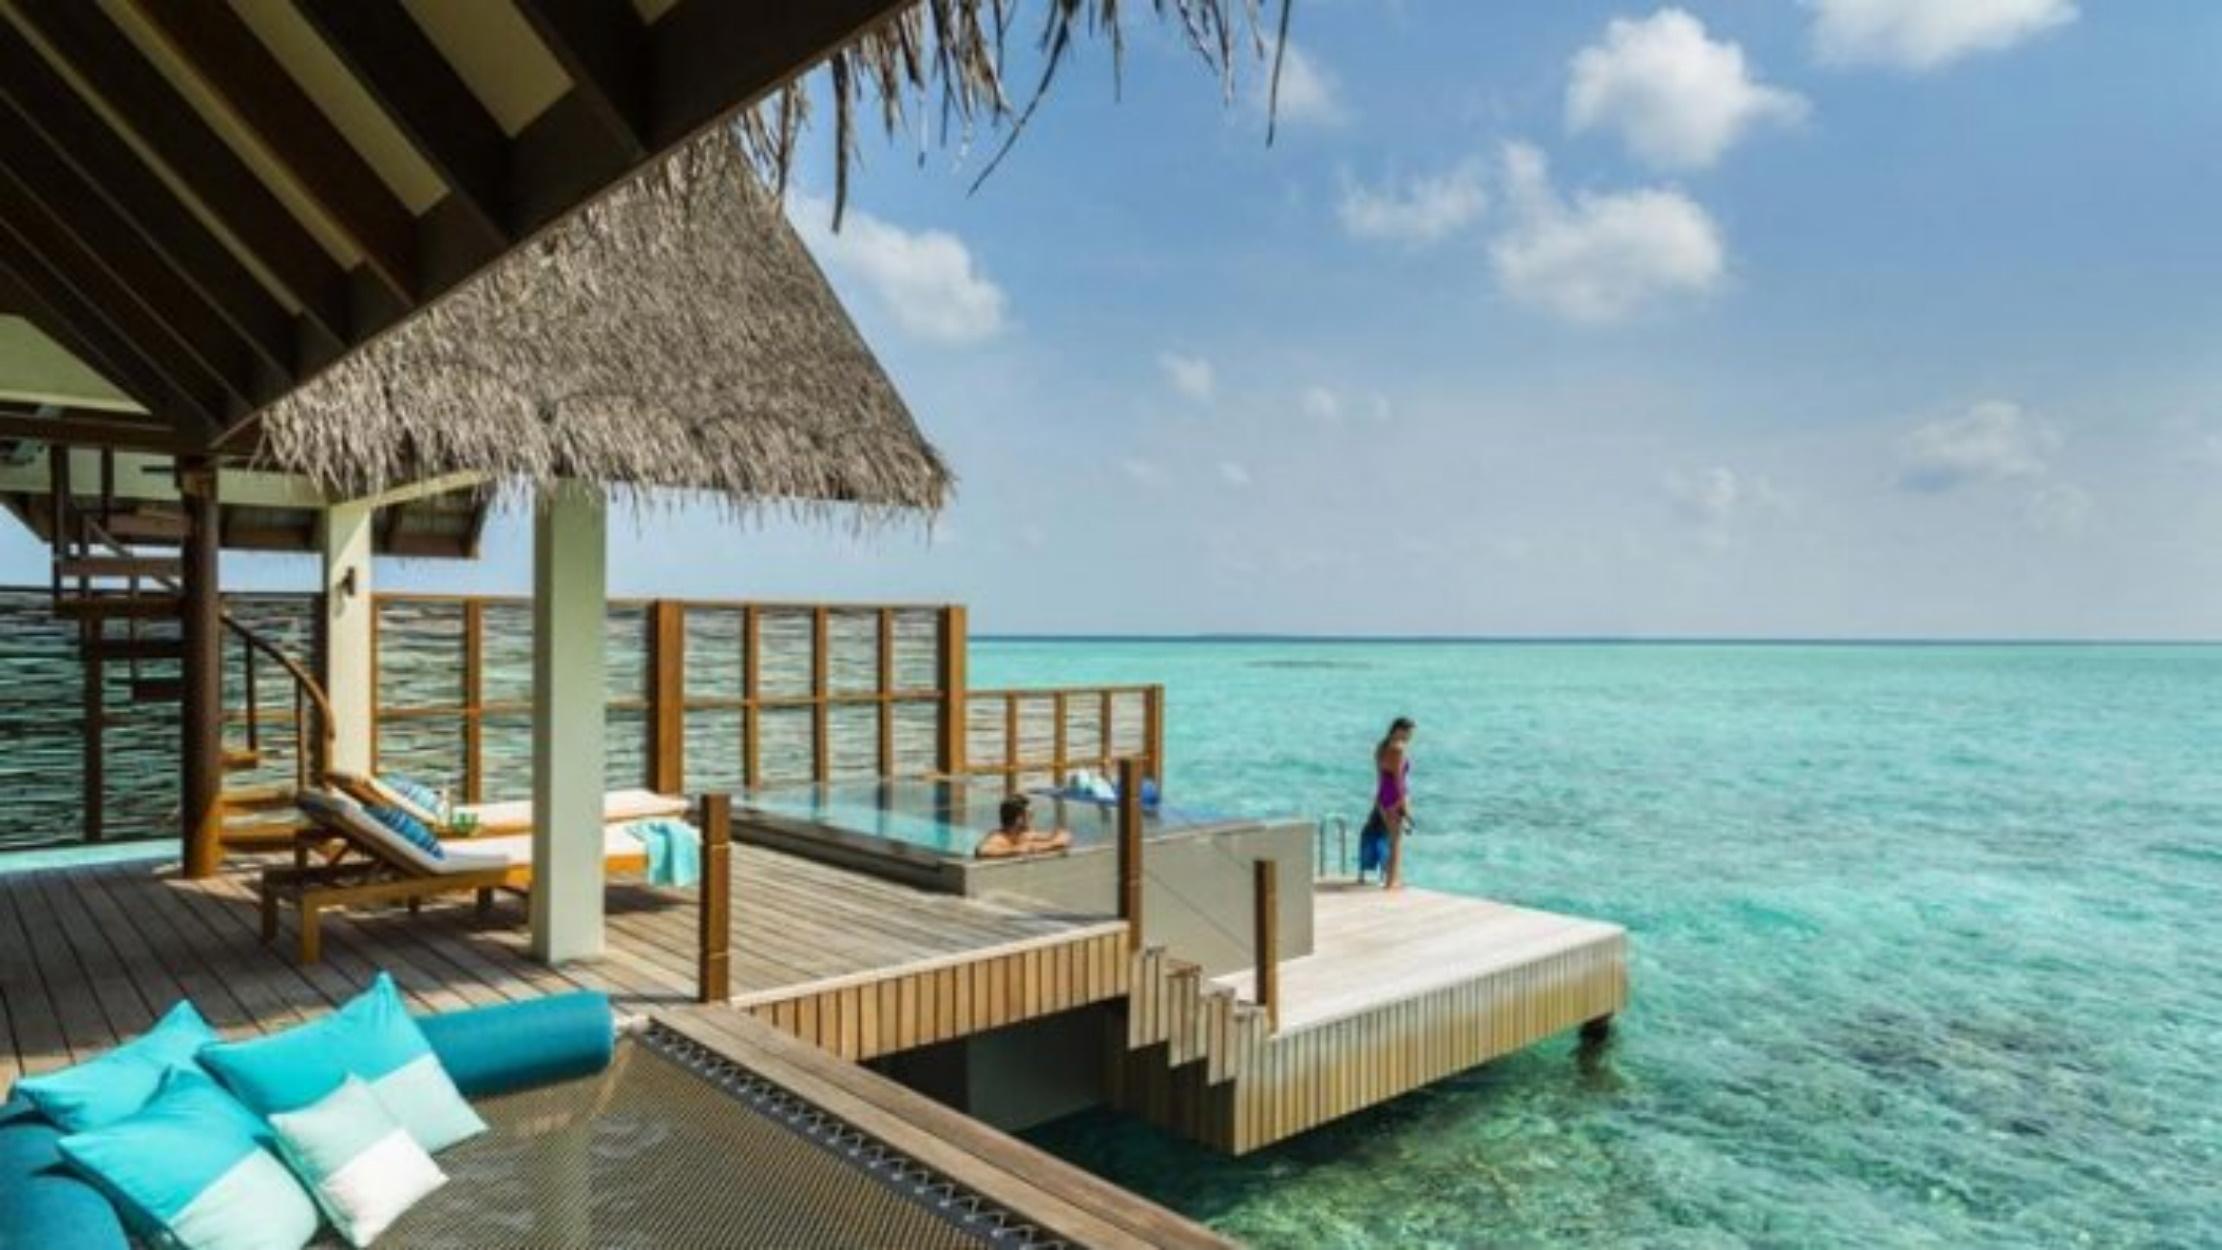 10 πολυτελή ξενοδοχεία στις Μαλδίβες για εσάς που ονειρεύεστε τις καλοκαιρινές σας διακοπές!